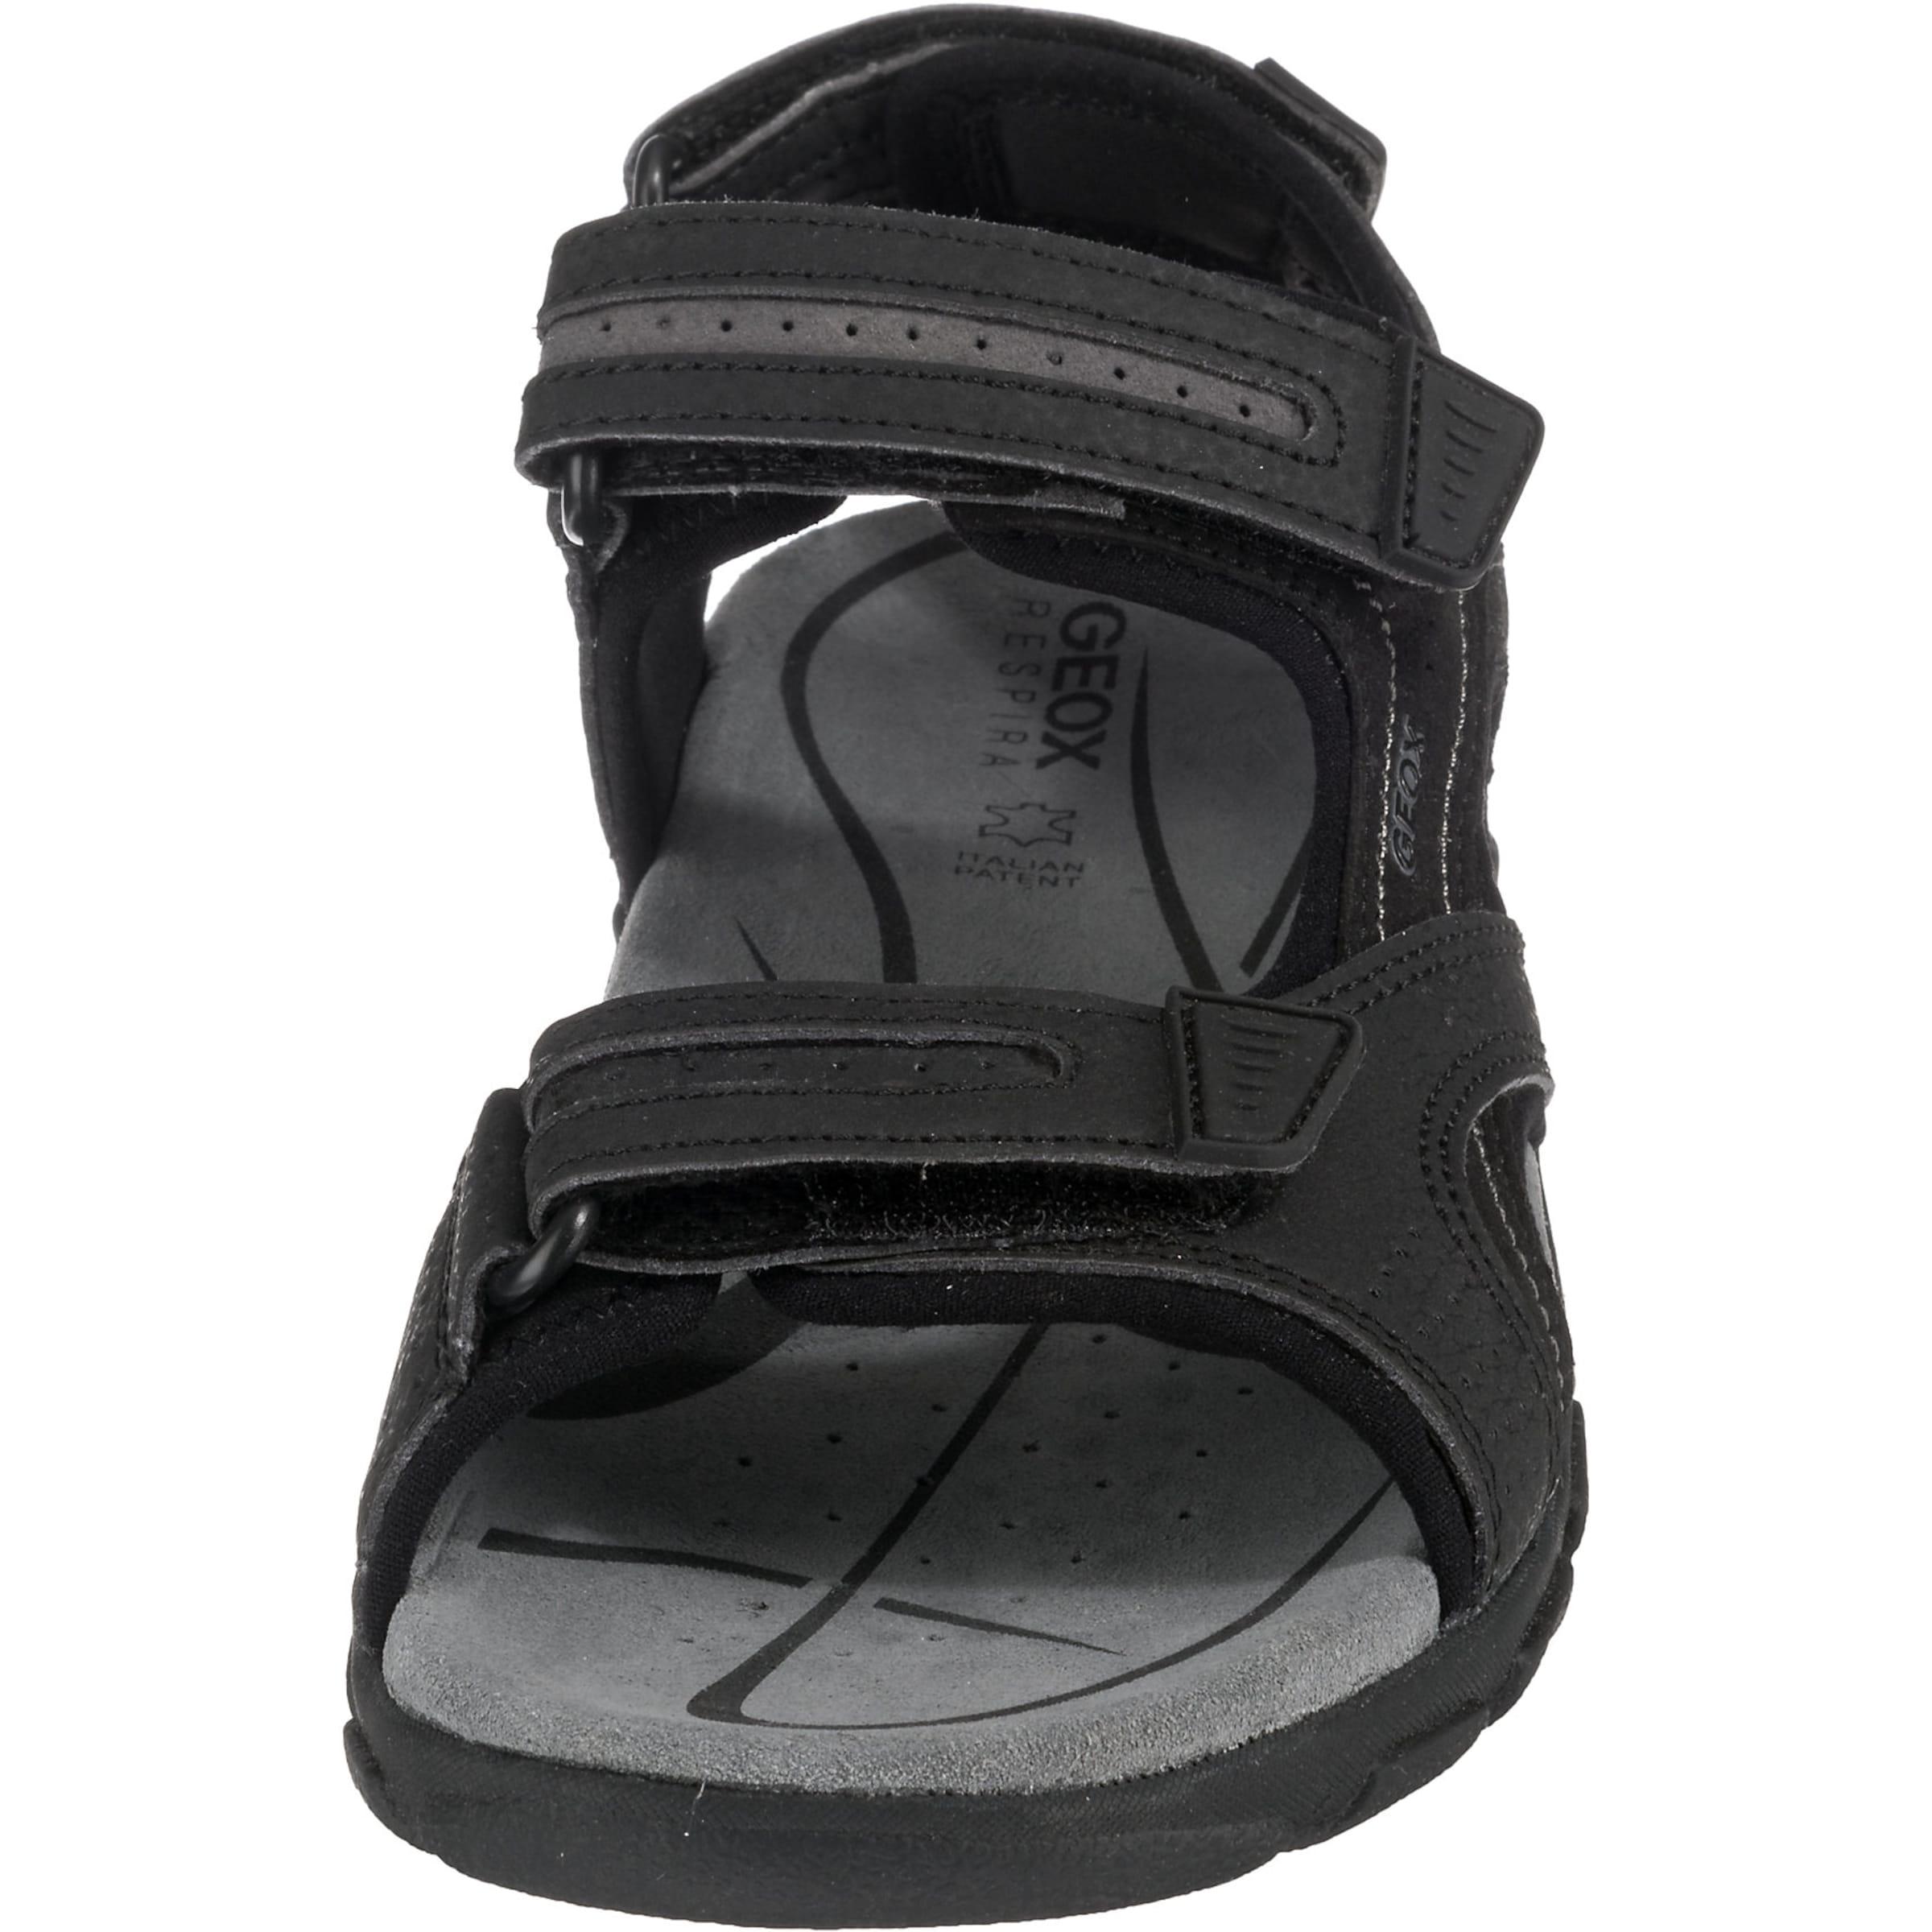 Geox GraphitSchwarz Geox Sandale Sandale In eD2bWE9HIY